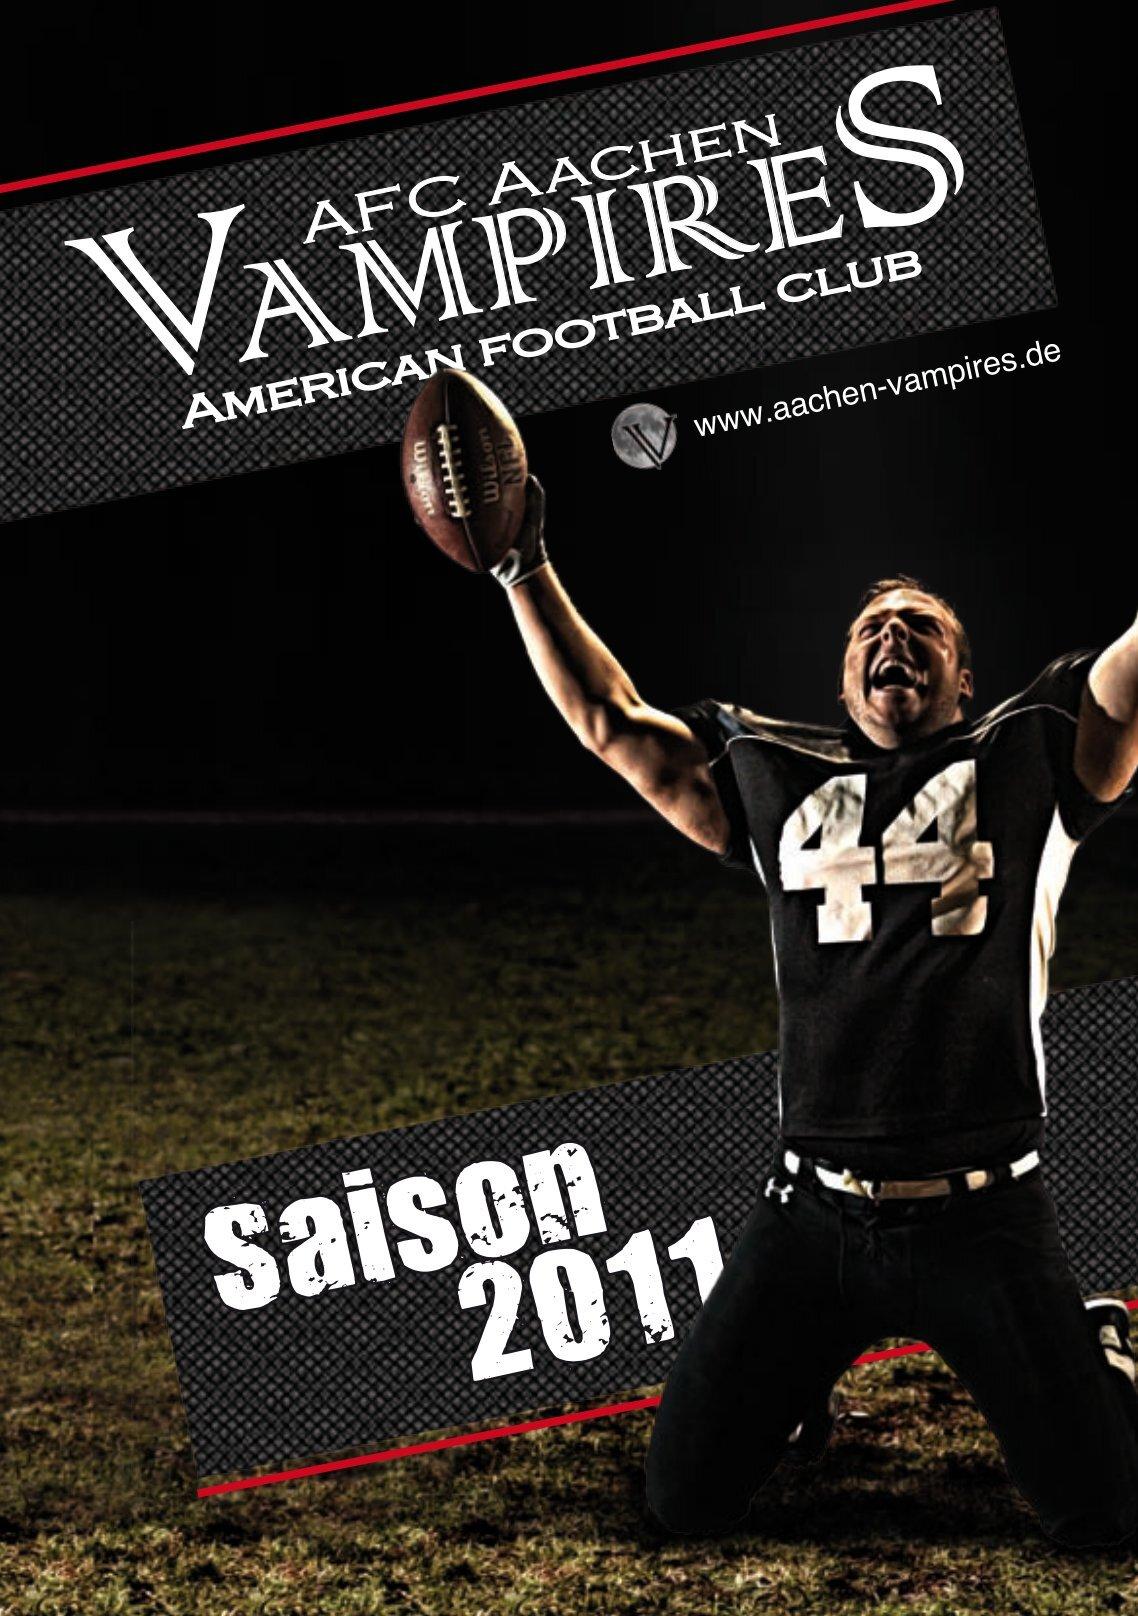 Aachen Vampires